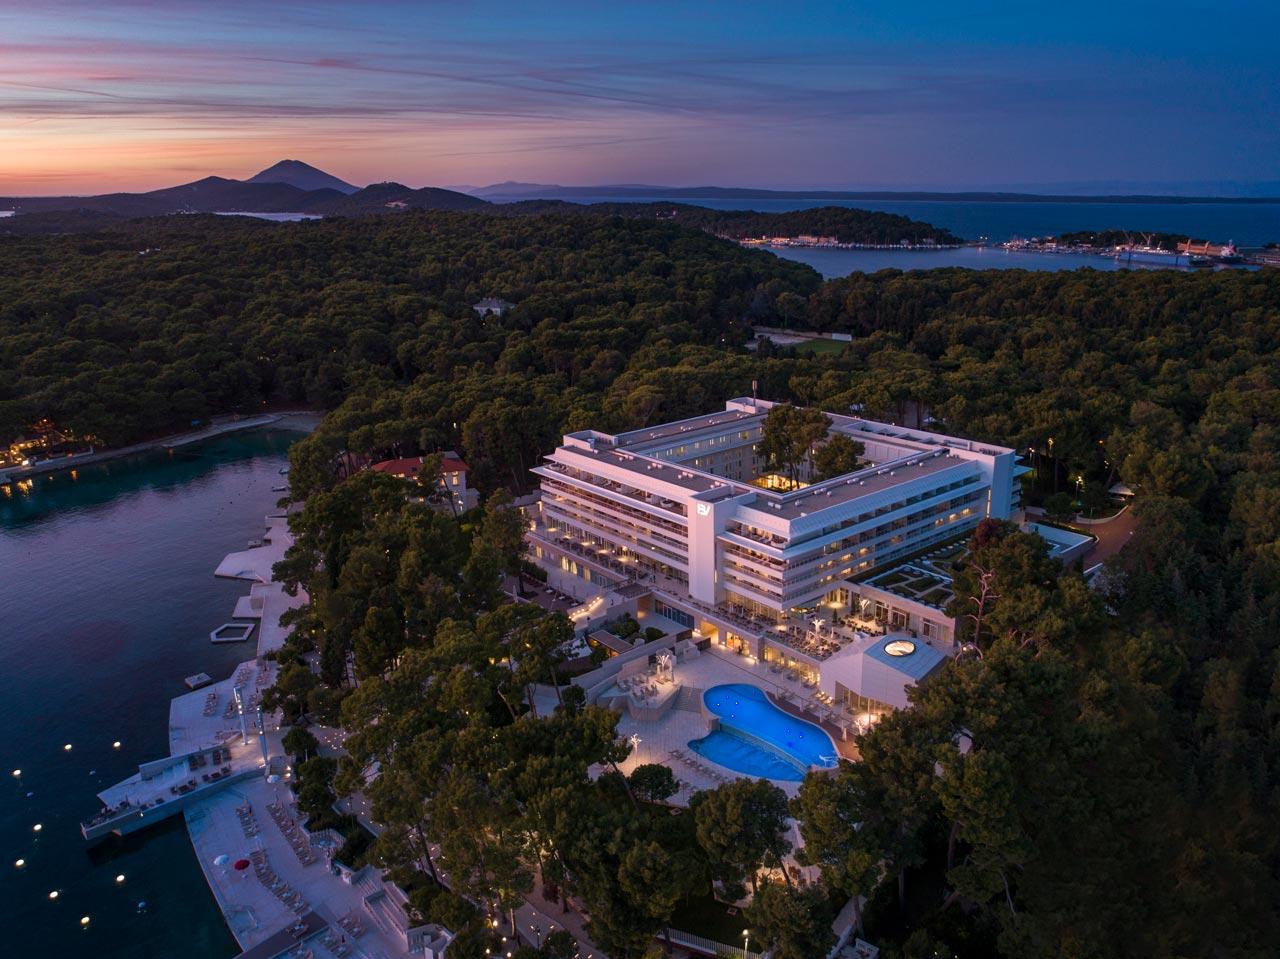 Fotografija hotela uz more iz zraka, navečer